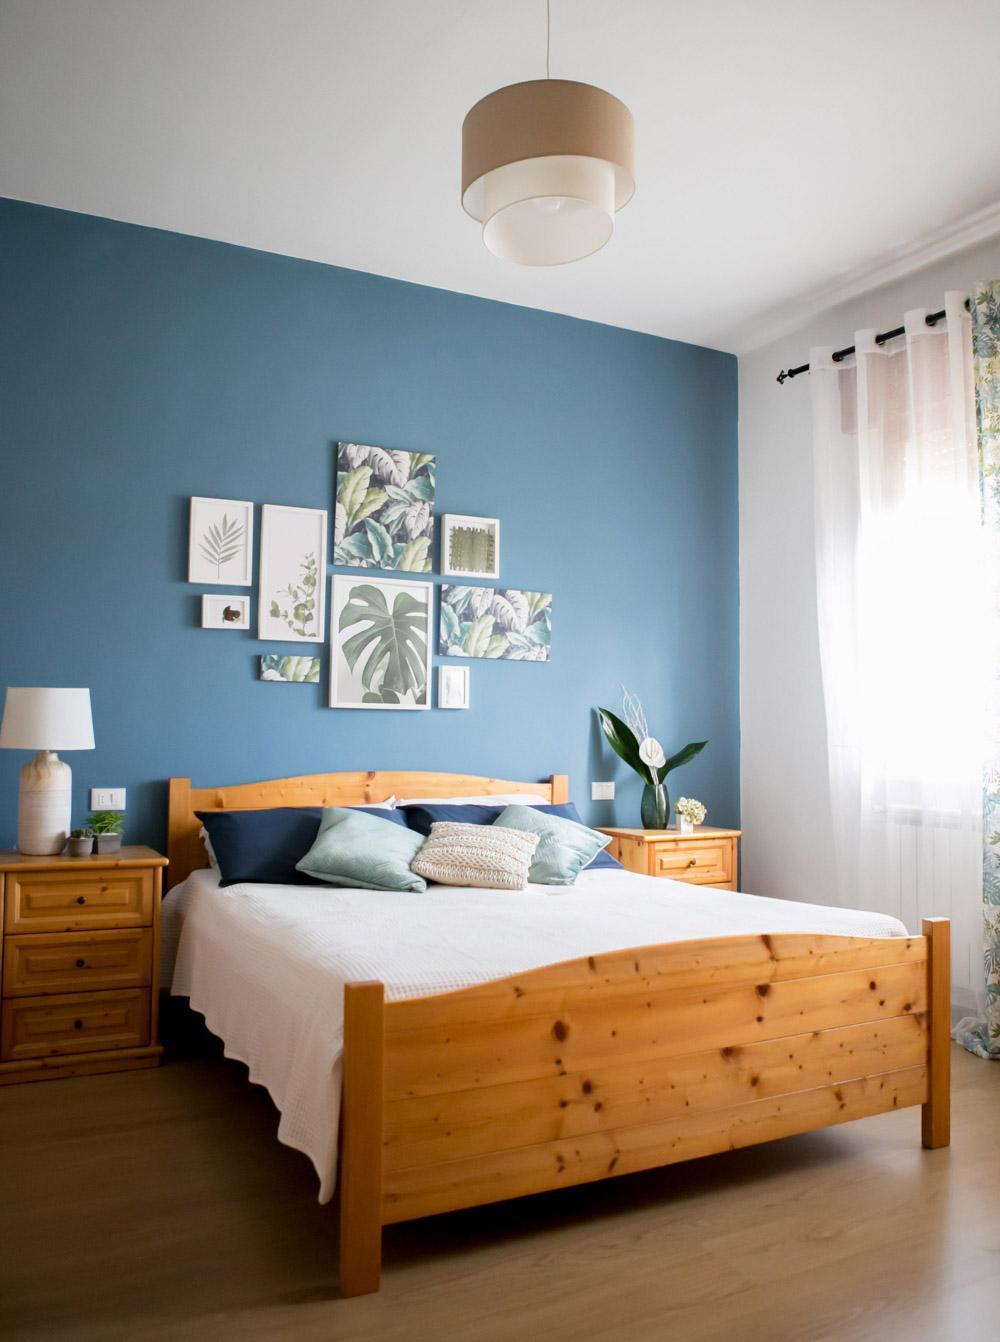 La mia camera da letto blu pane amore e creativit - Camera da letto blu notte ...